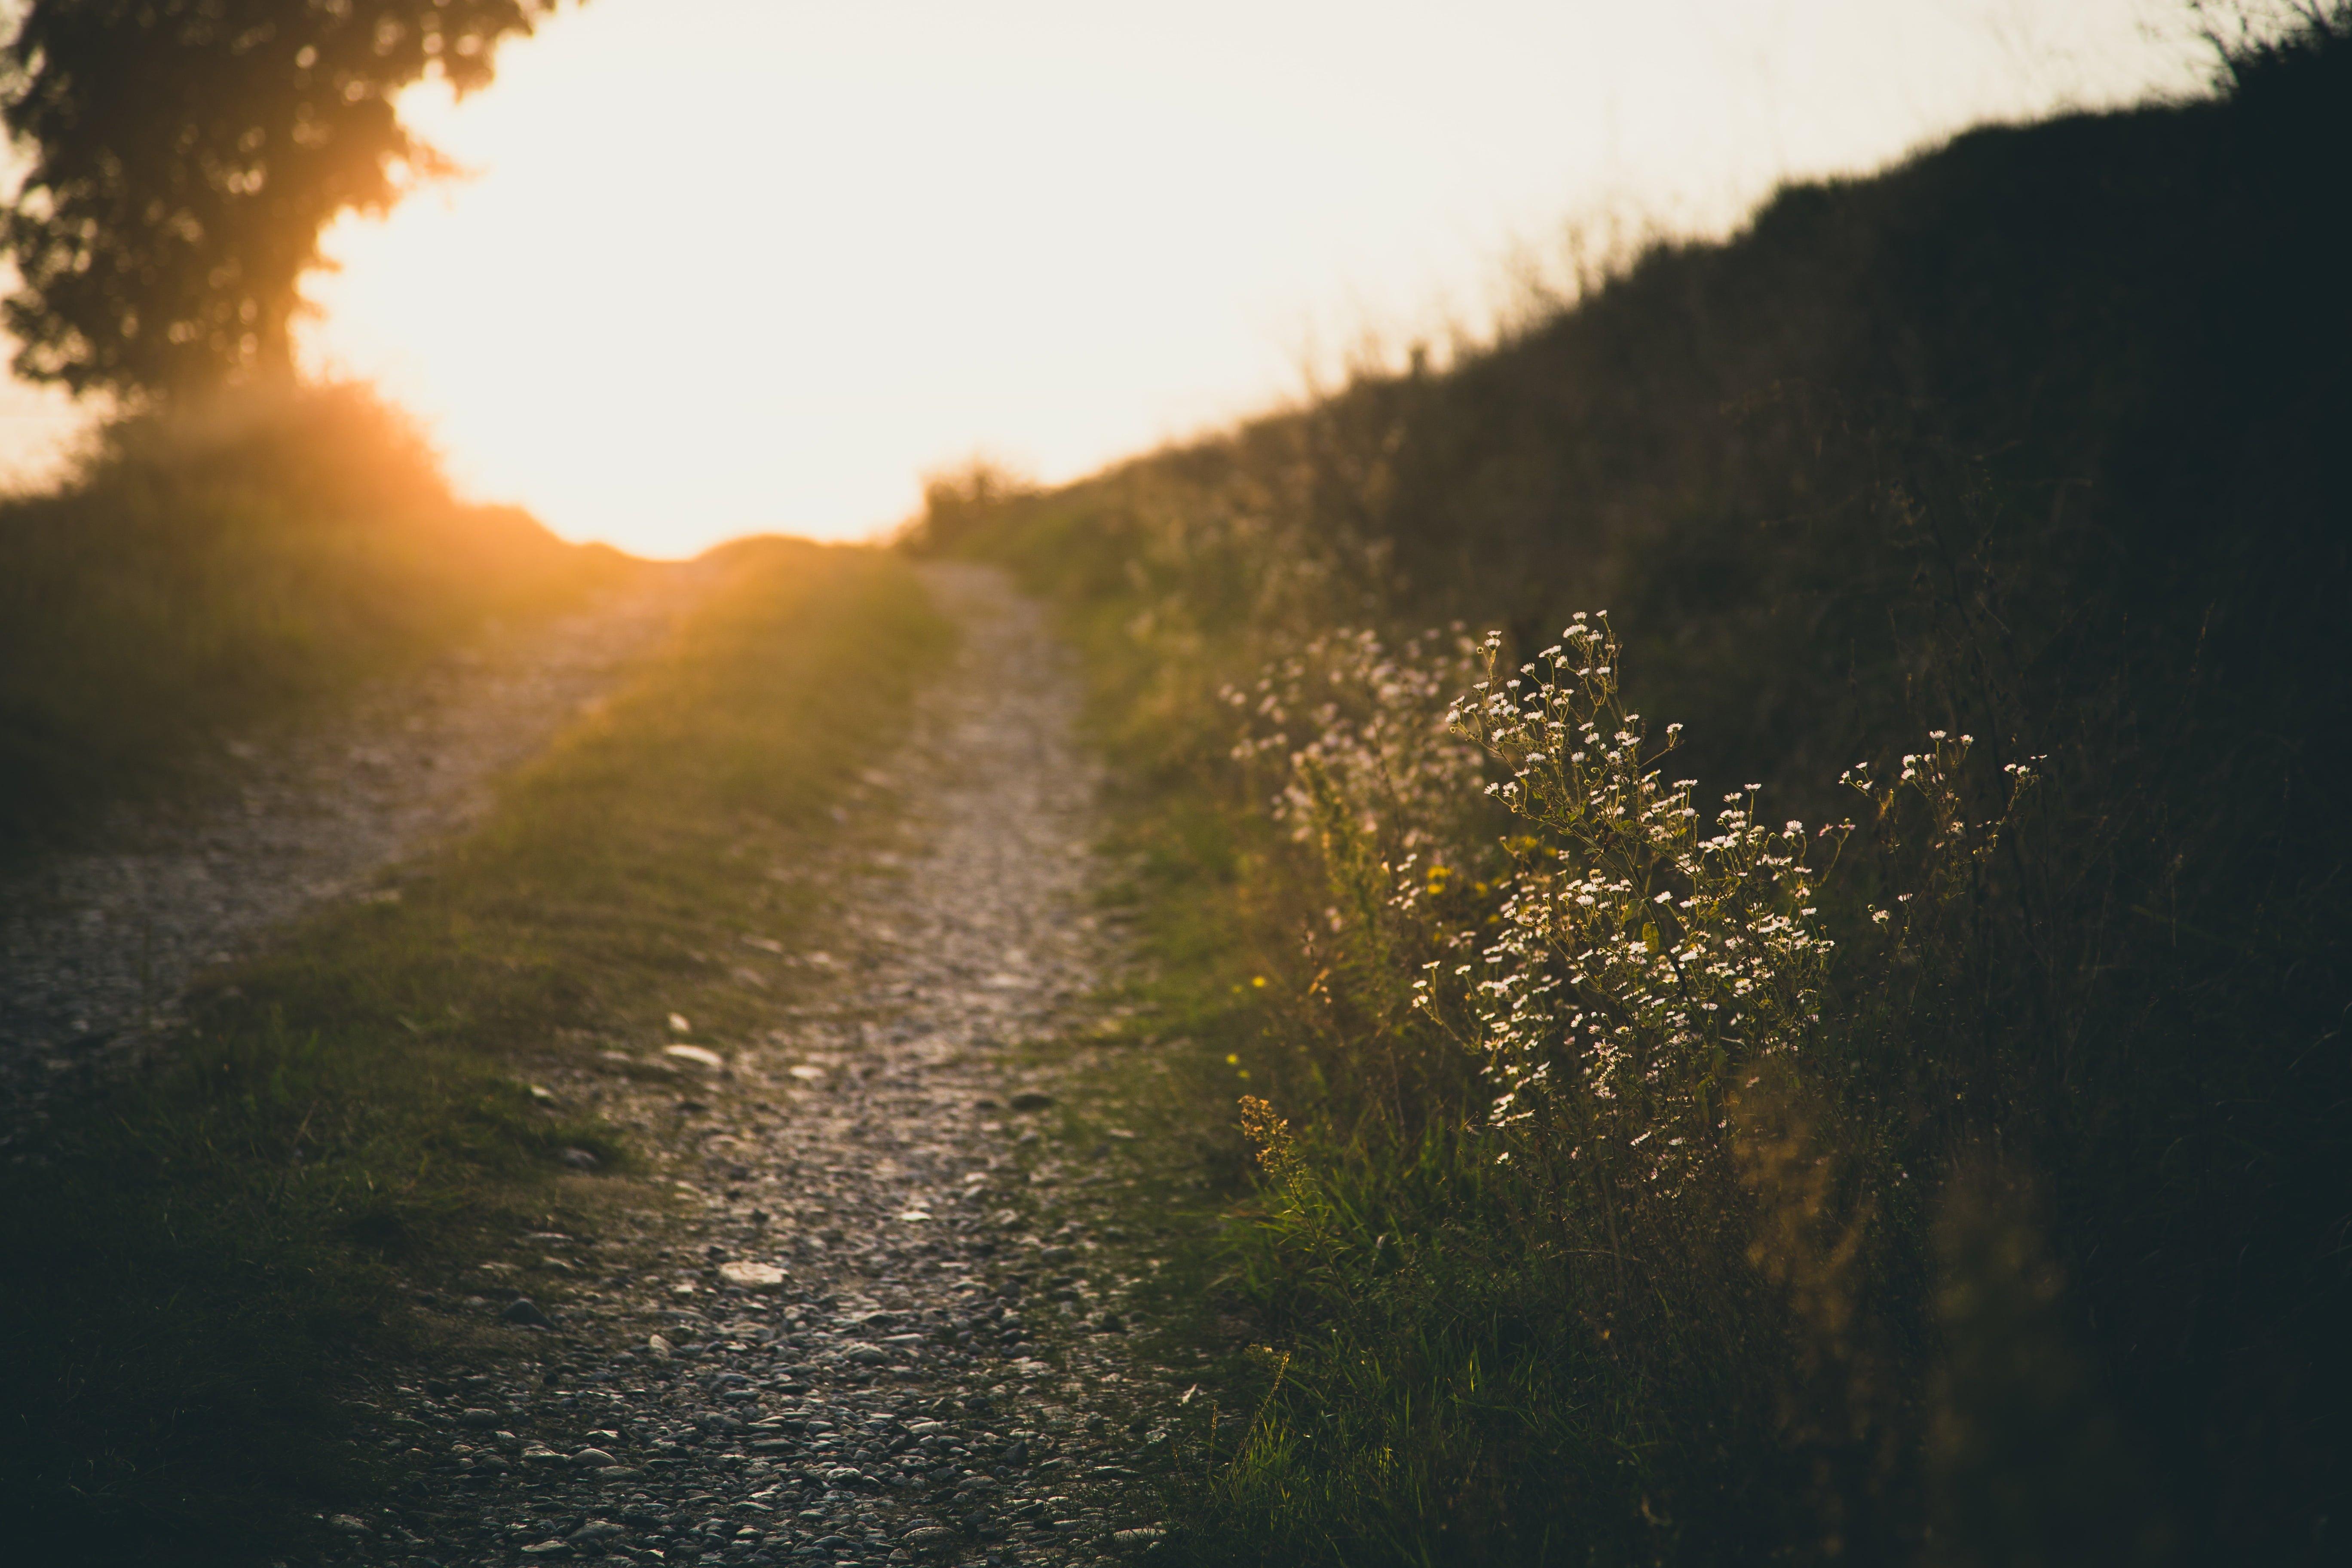 Medytacja jako ścieżka stawania się i bycia